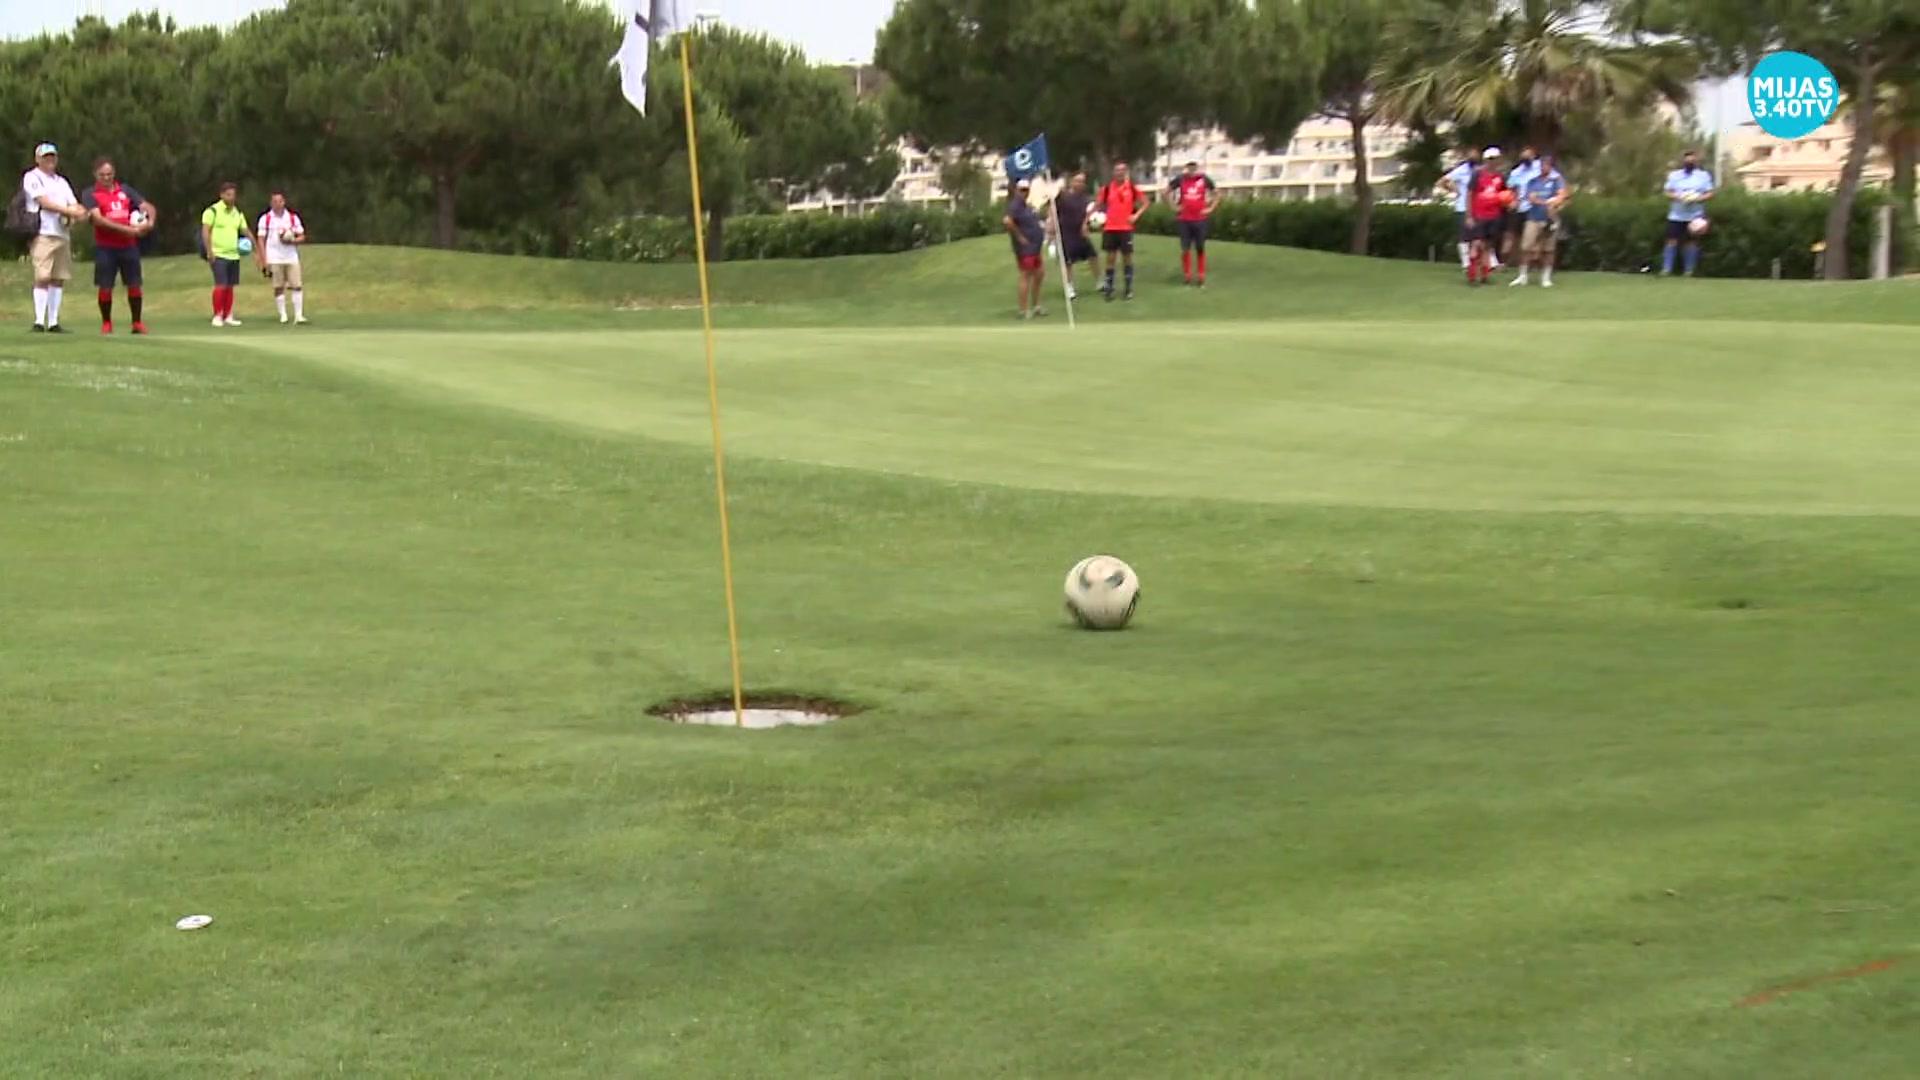 Más de 100 jugadores en el máster de footgolf organizado por el club Cala de Mijas